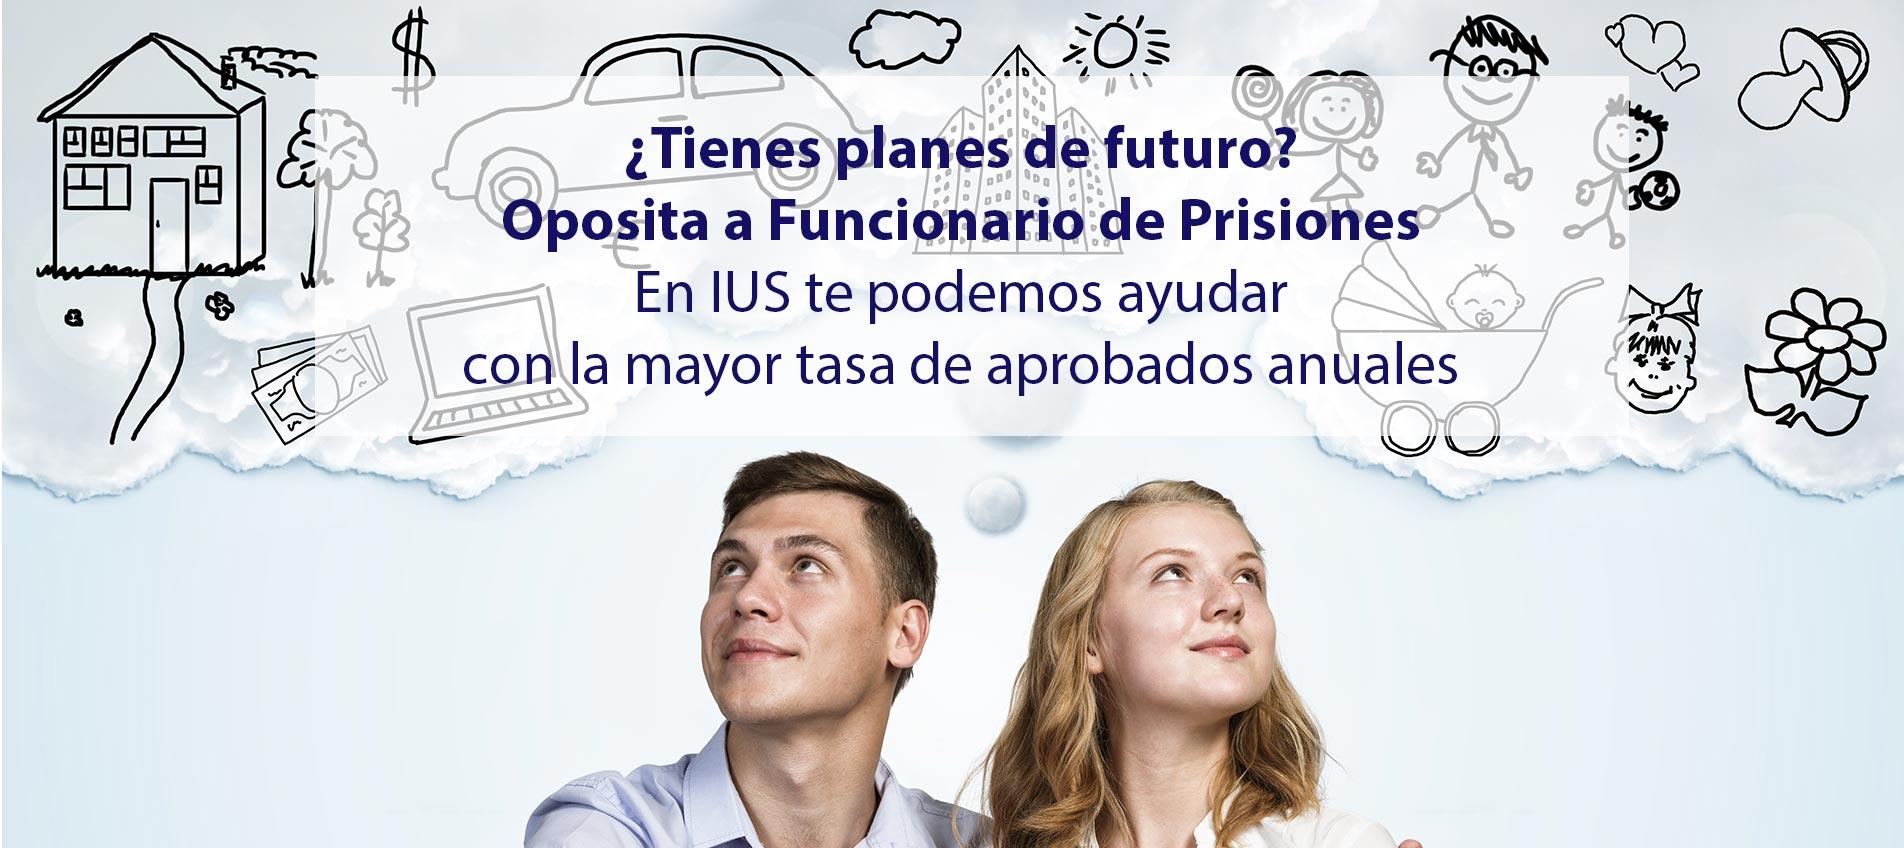 slide1_academia_de_prisiones_huelva-1